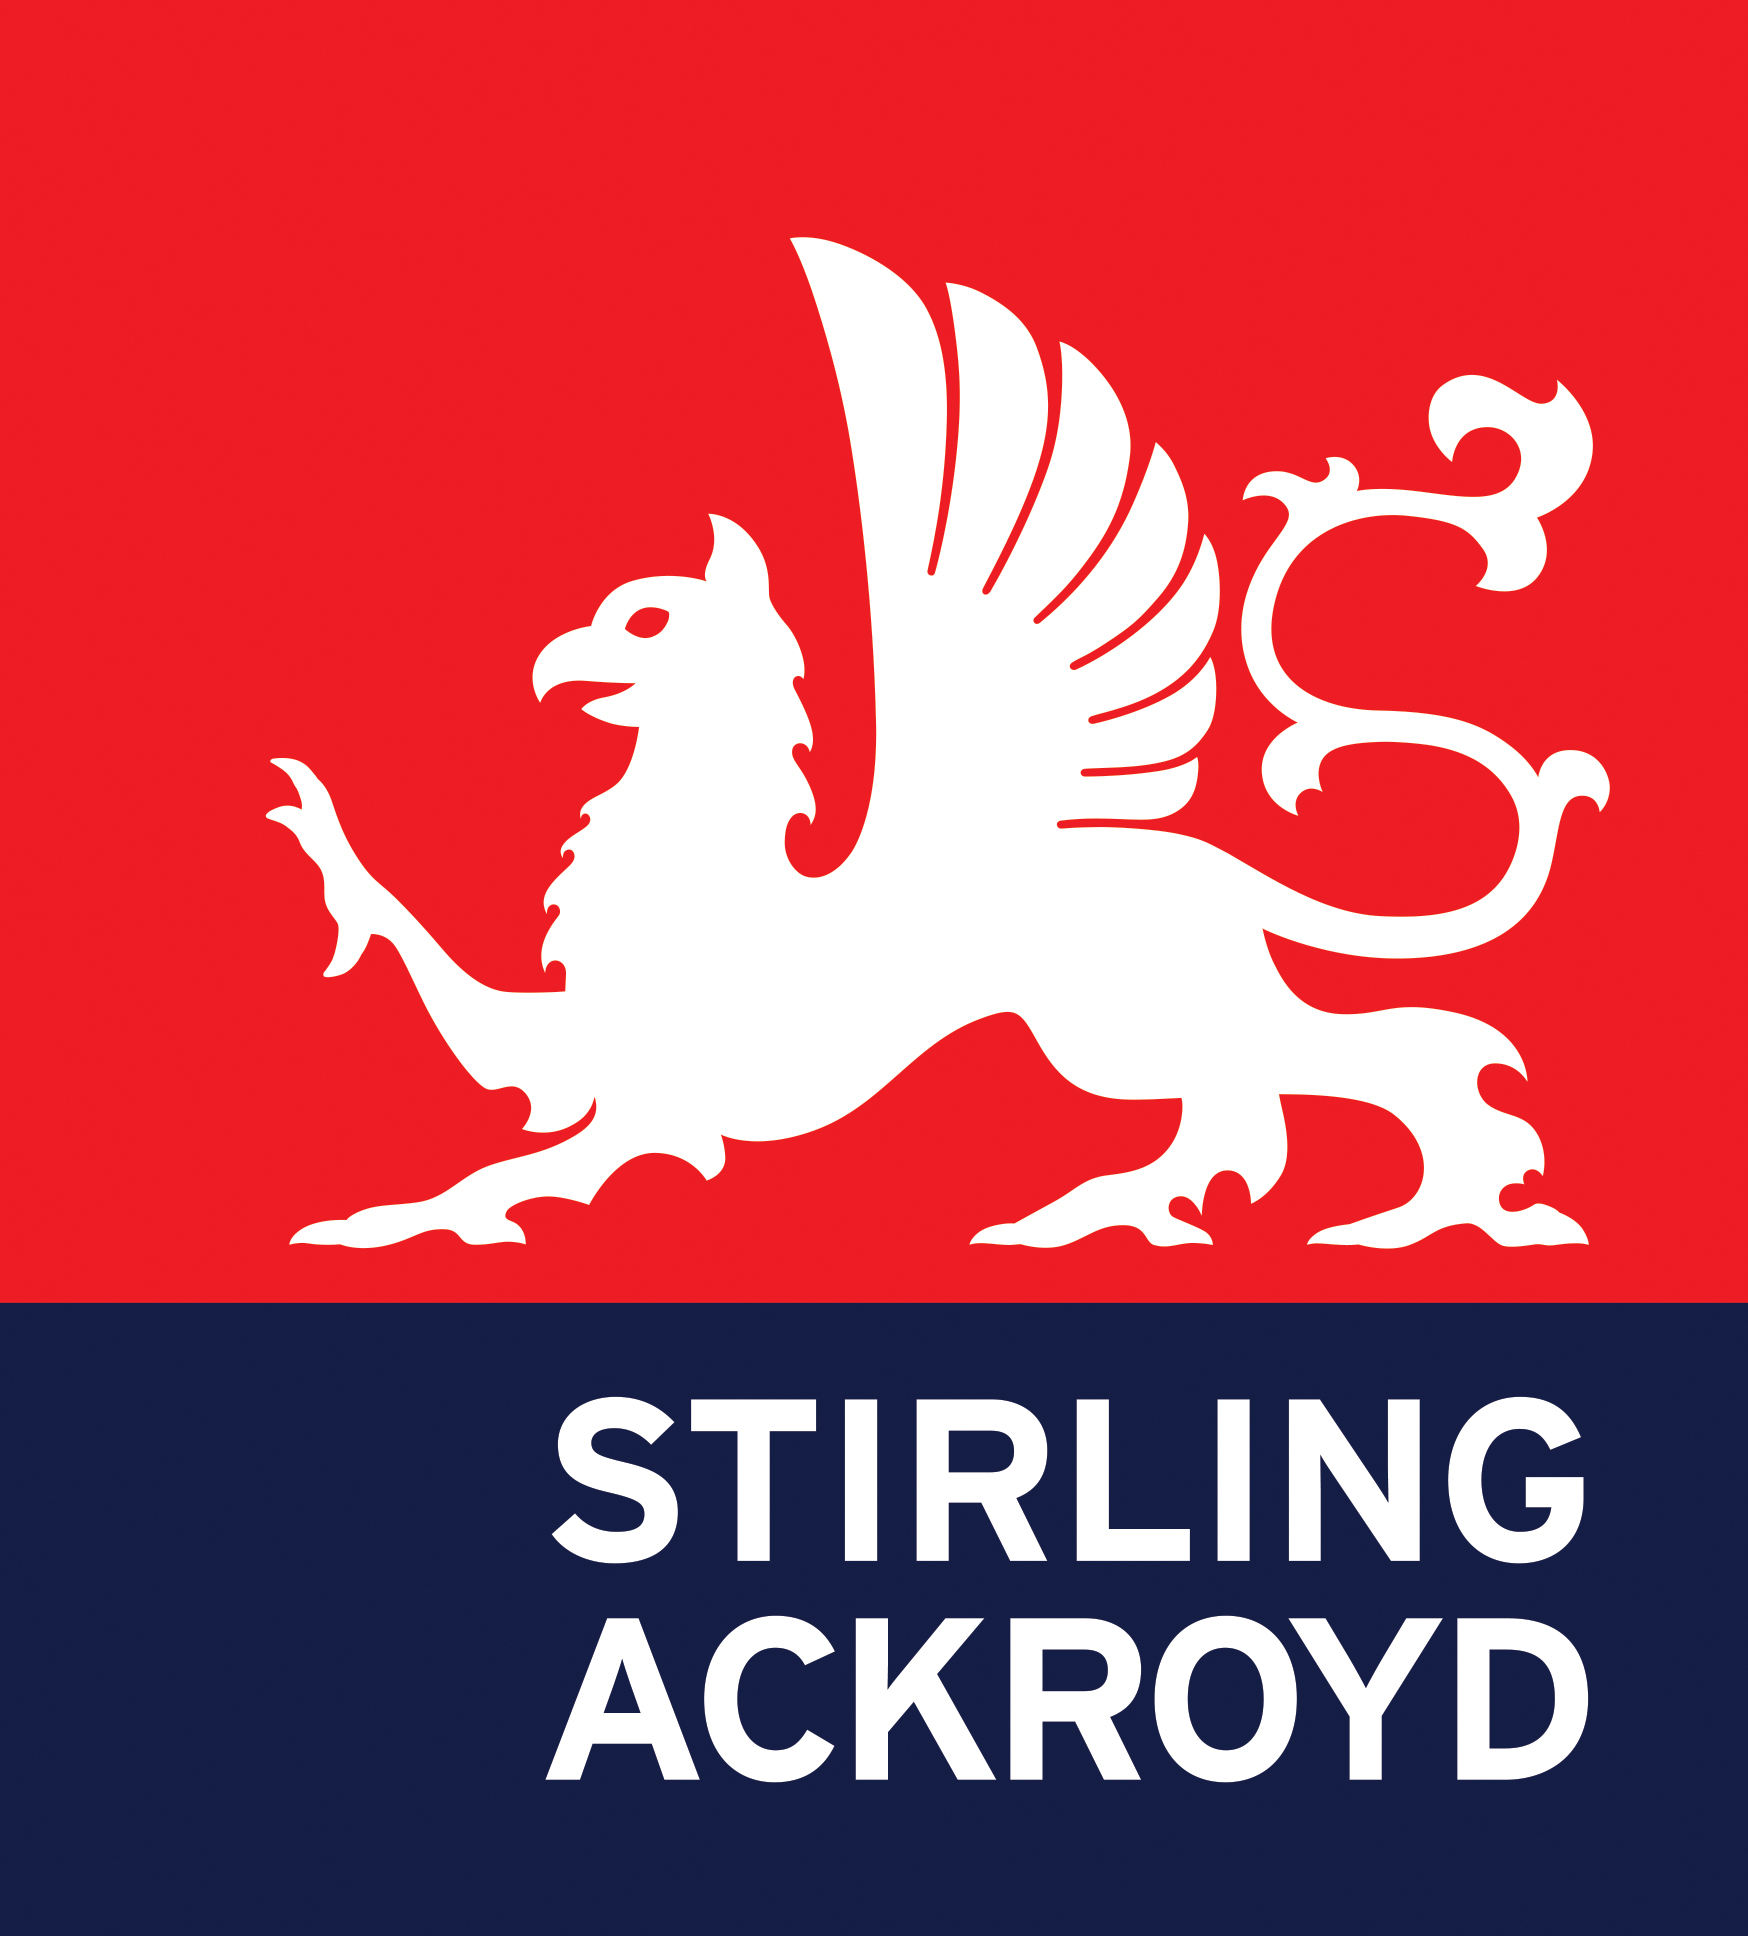 Stirling Ackroyd Estate Agents